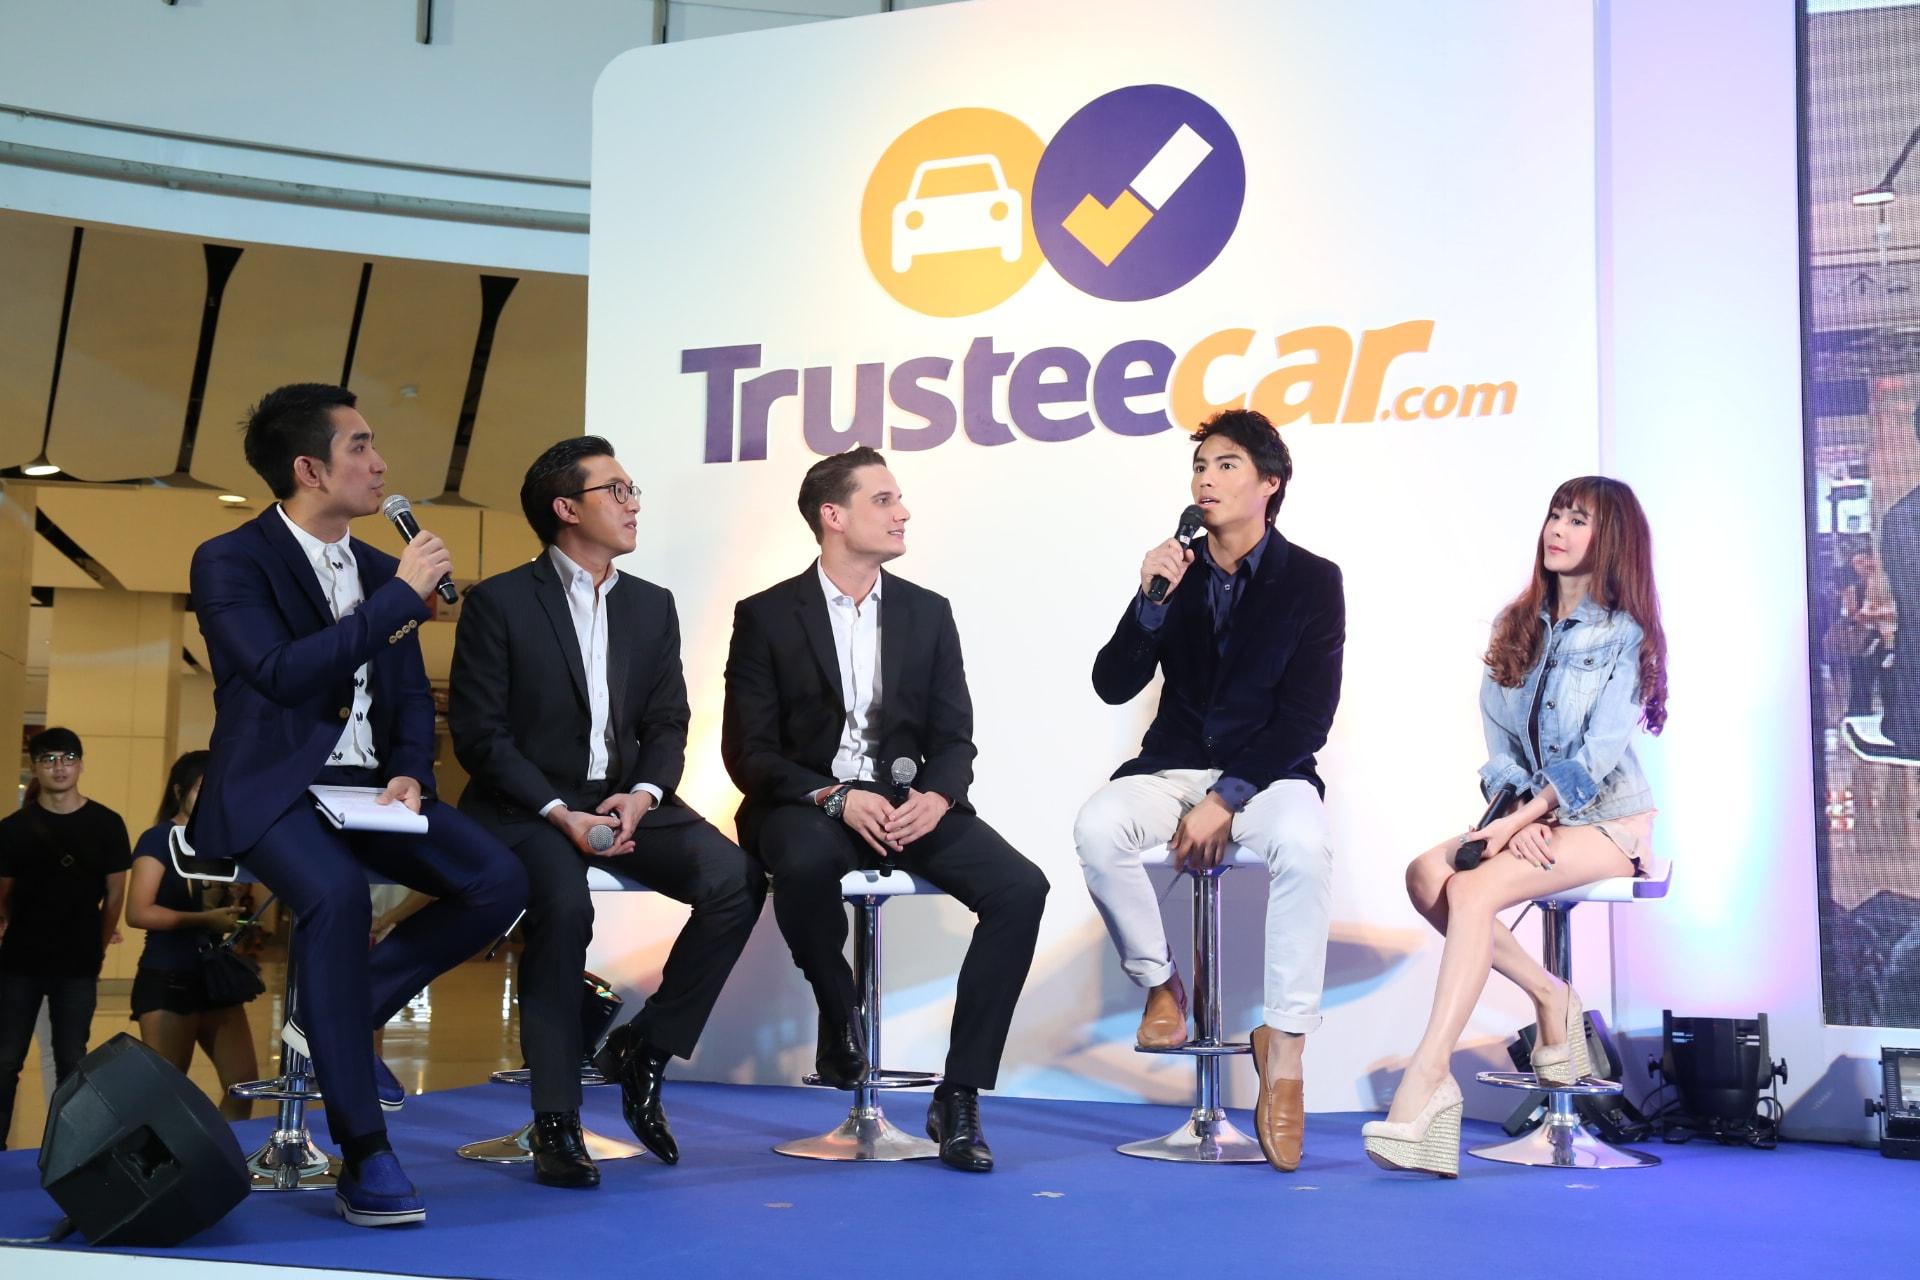 Trusteecar8